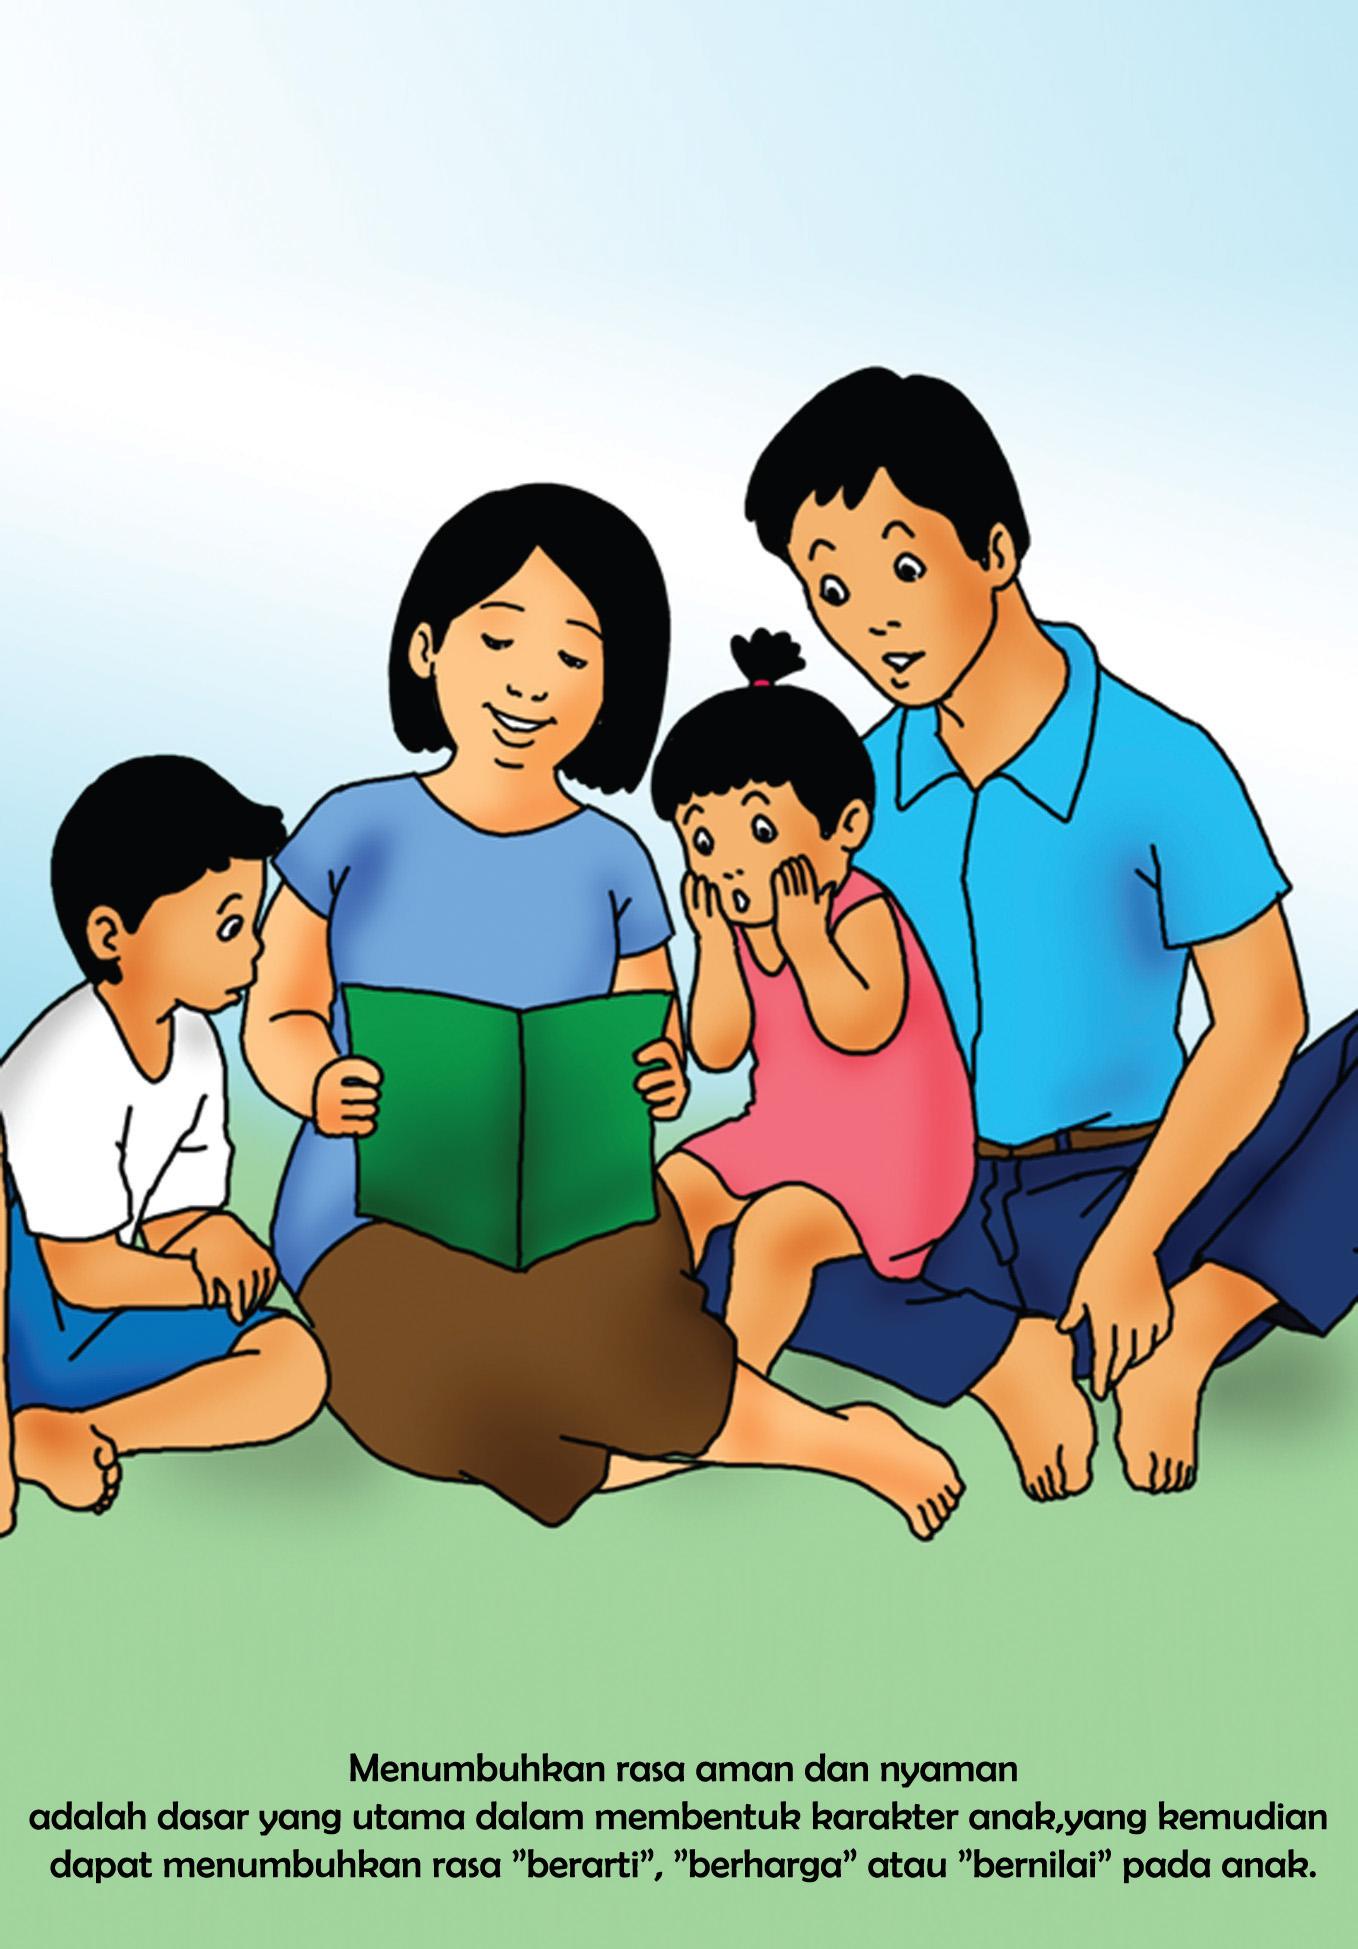 ... dalam diri anak dan pandangan anak terhadap dunia yang dimilikinya